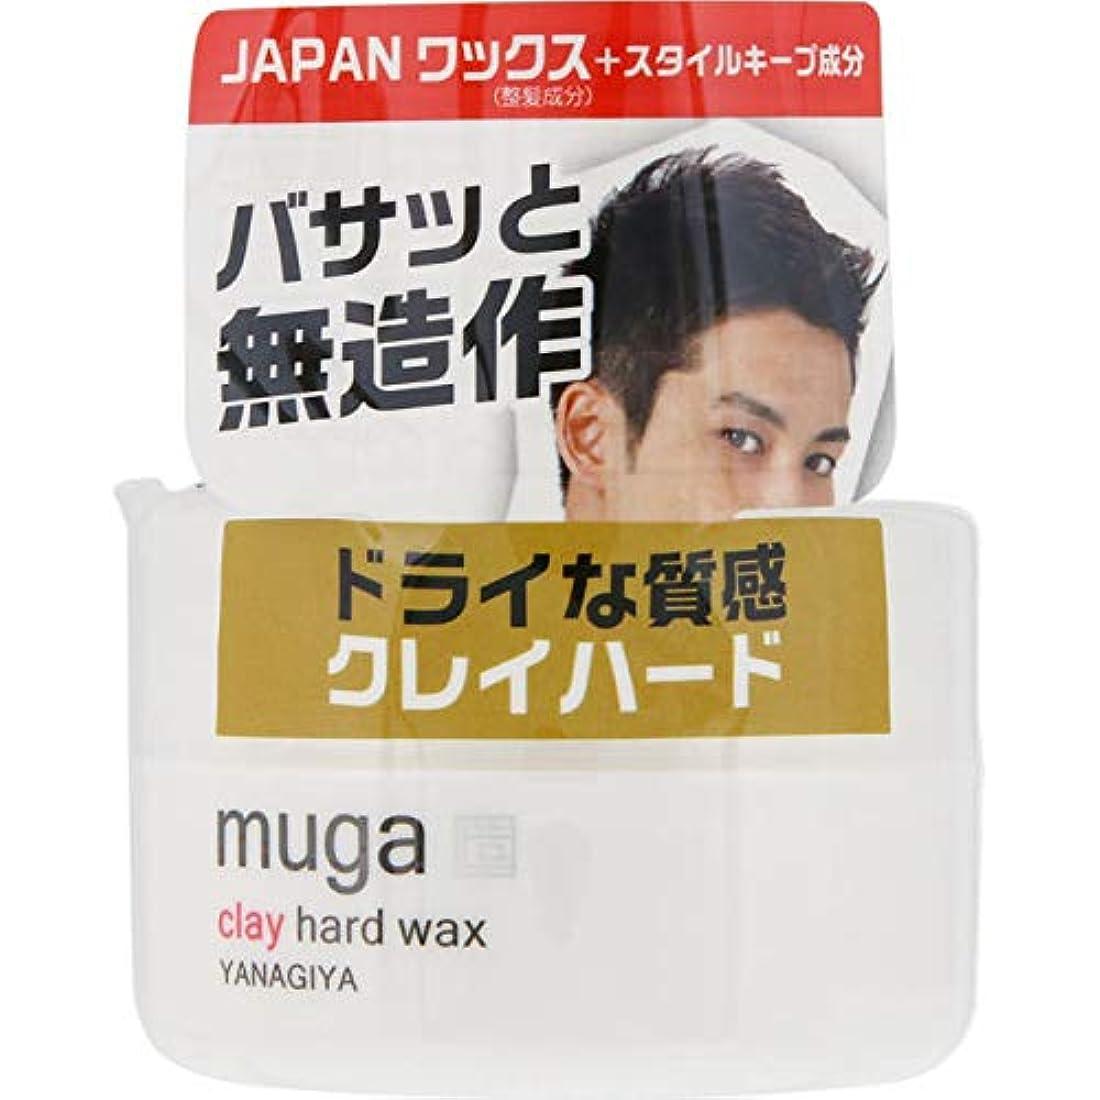 農業リム口頭MUGA クレイハードワックス 85g